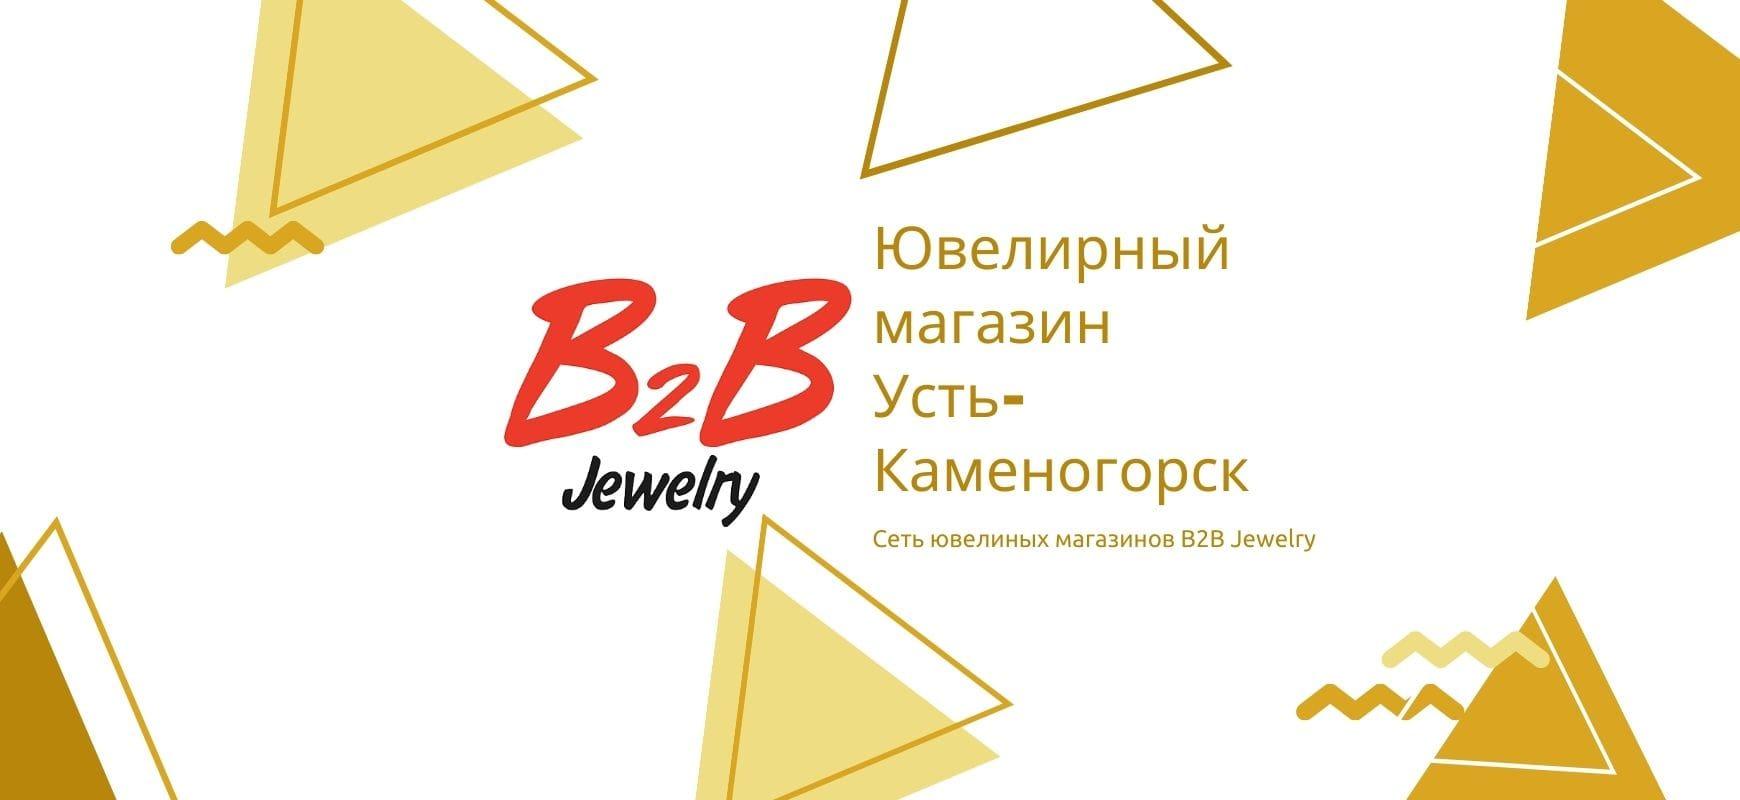 B2B JEWELRY УСТЬ-КАМЕНОГОРСК